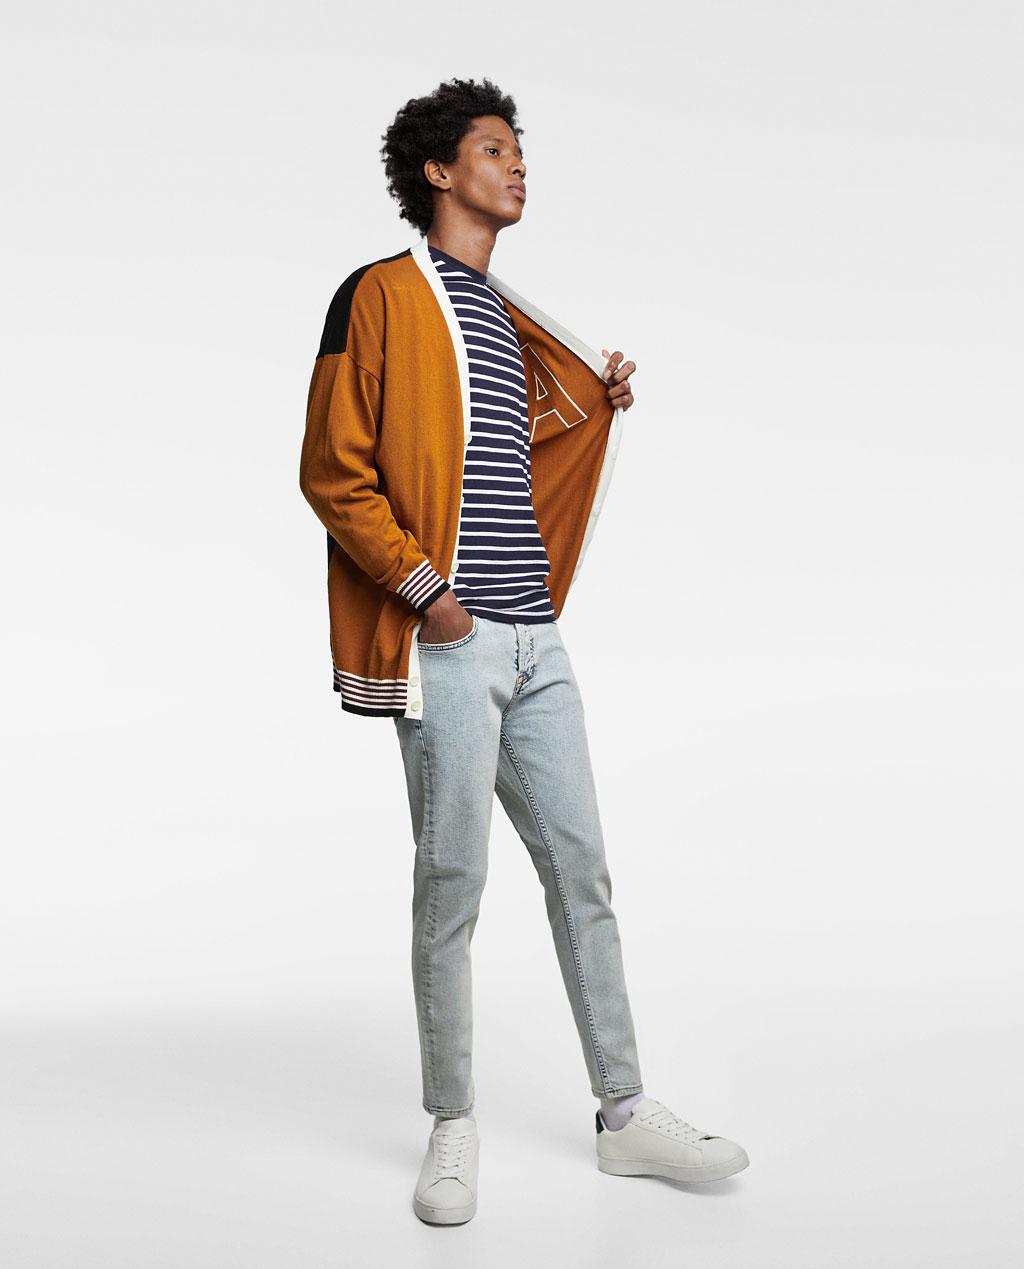 Thời trang nam Zara  24020 - ảnh 3